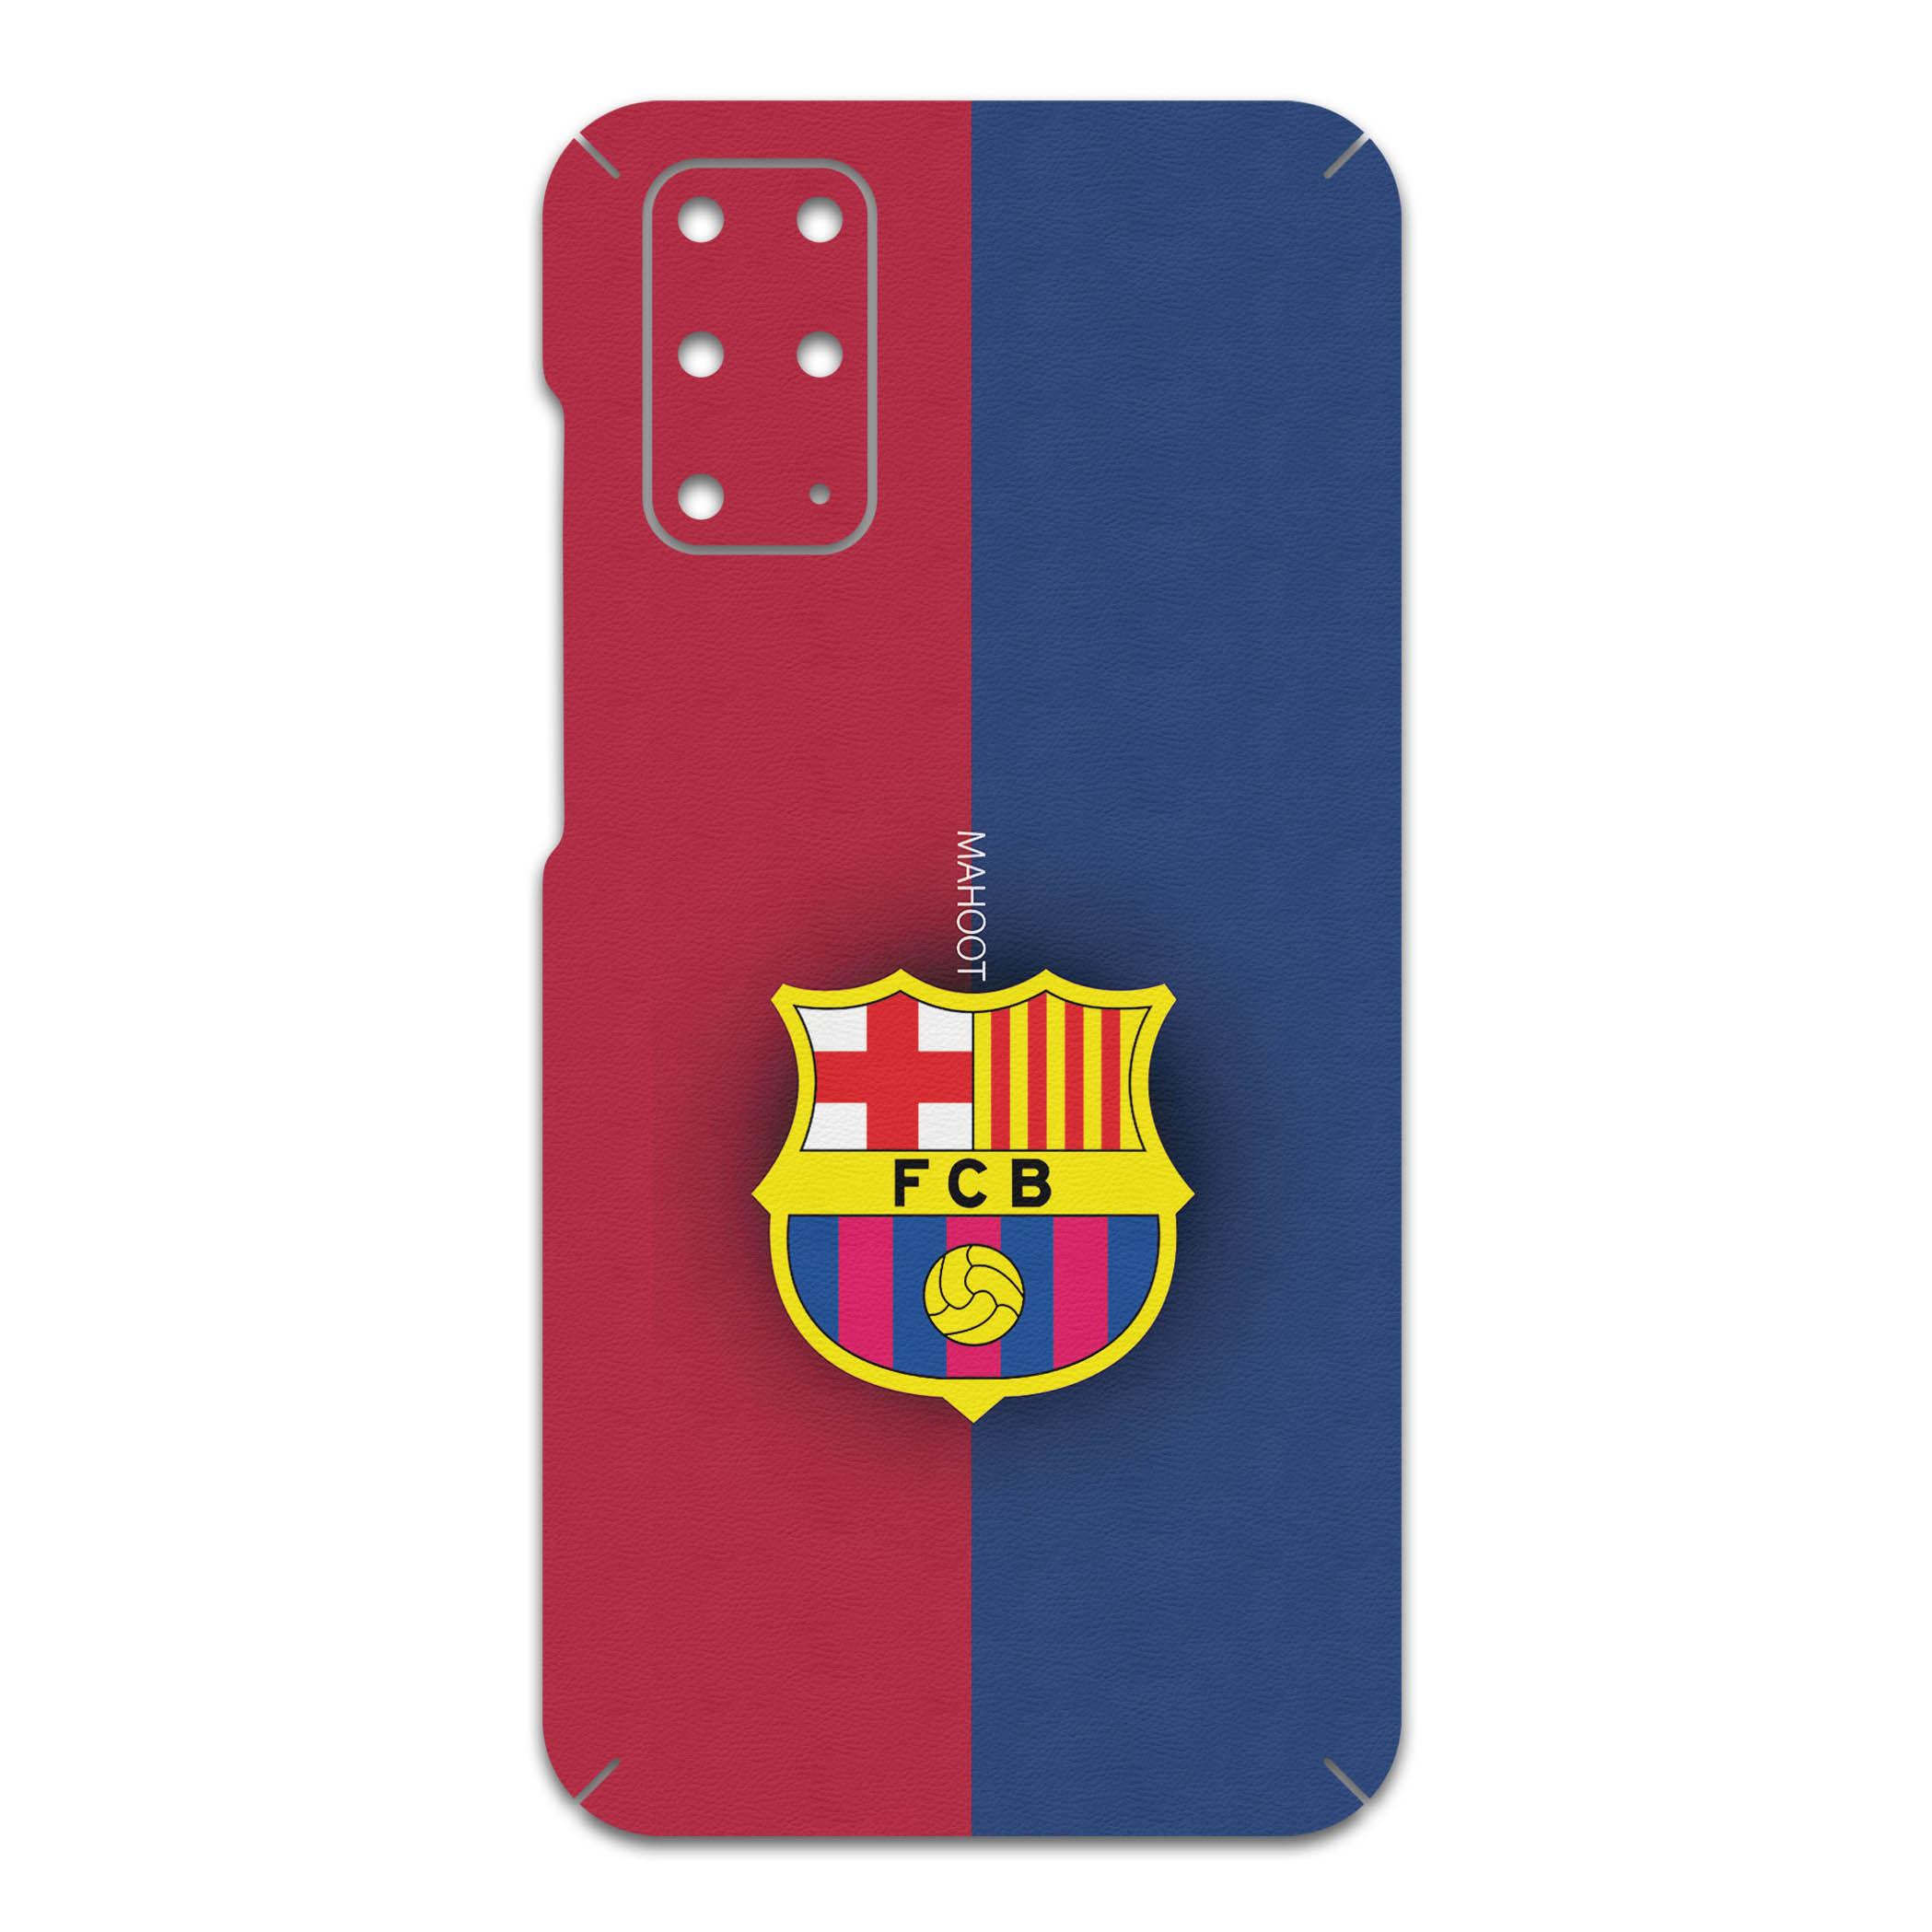 برچسب پوششی ماهوت مدل BARCELONA-FC مناسب برای گوشی موبایل سامسونگ Galaxy S20 Plus